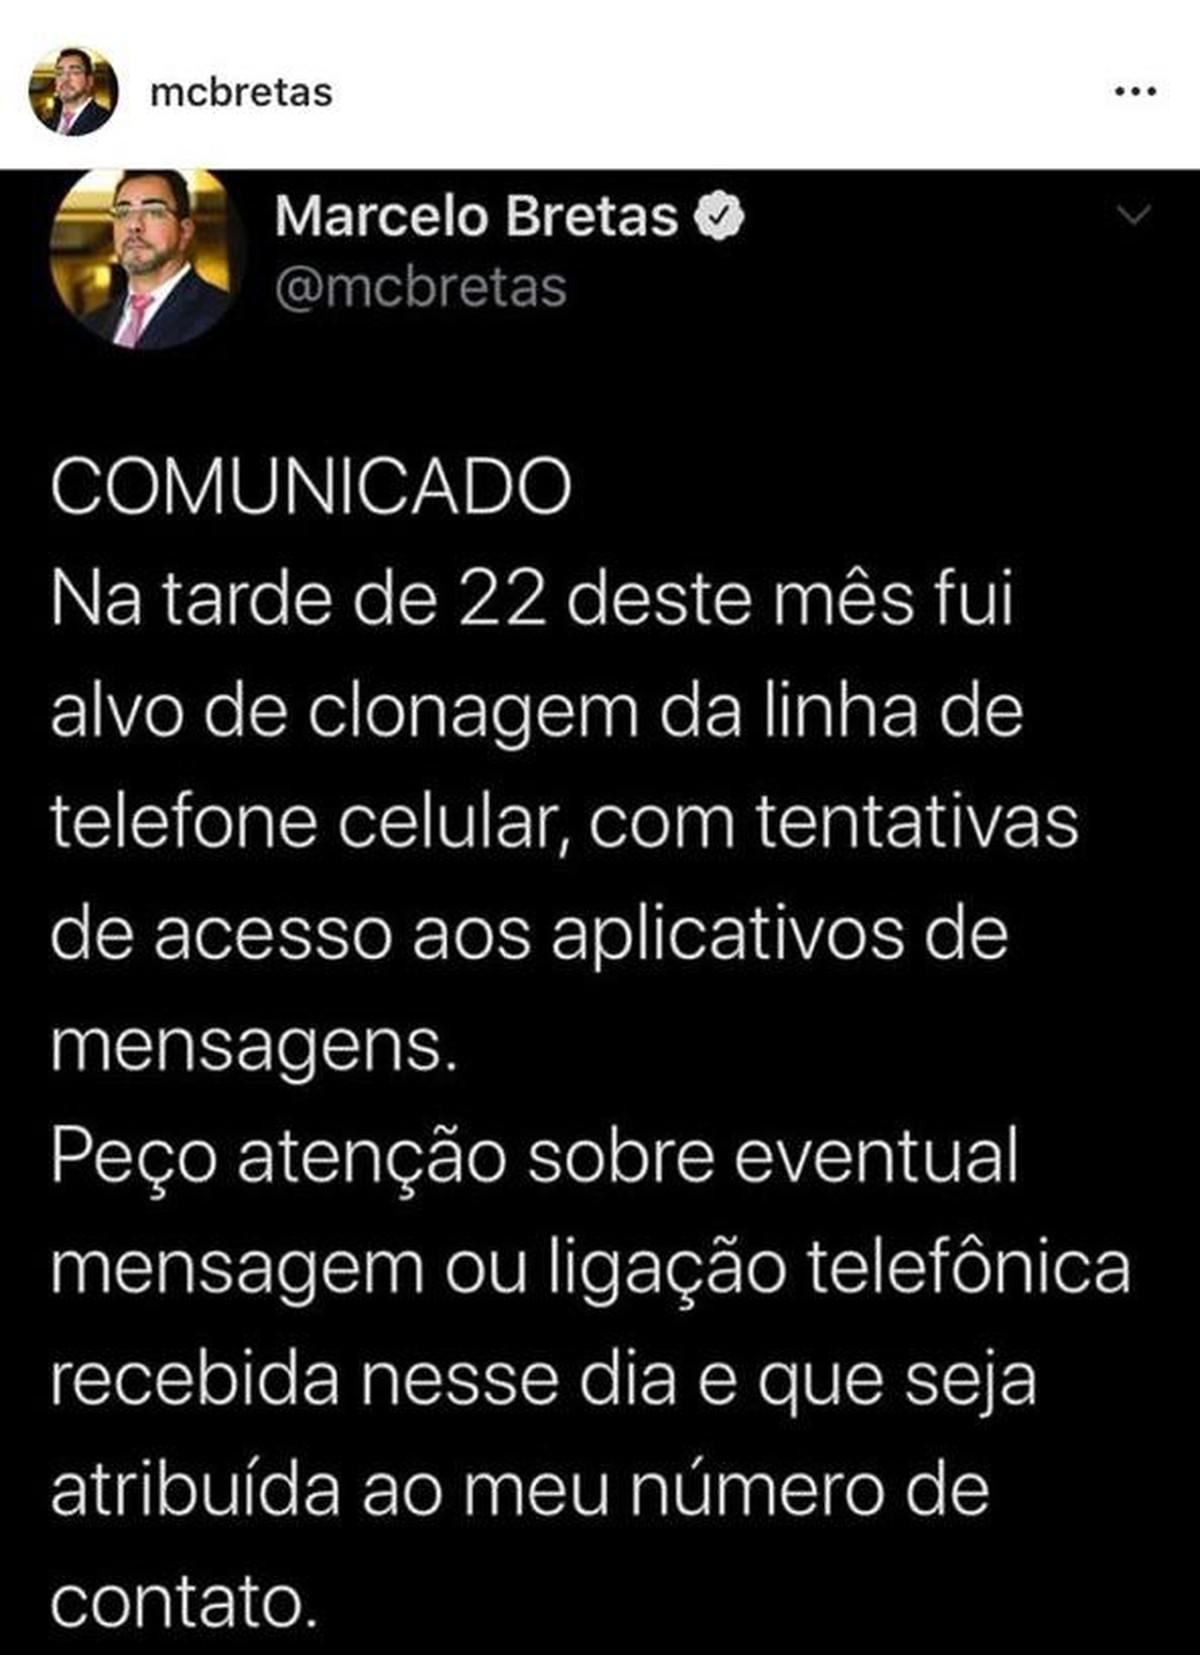 Juiz Marcelo Bretas diz que teve o telefone celular clonado – G1